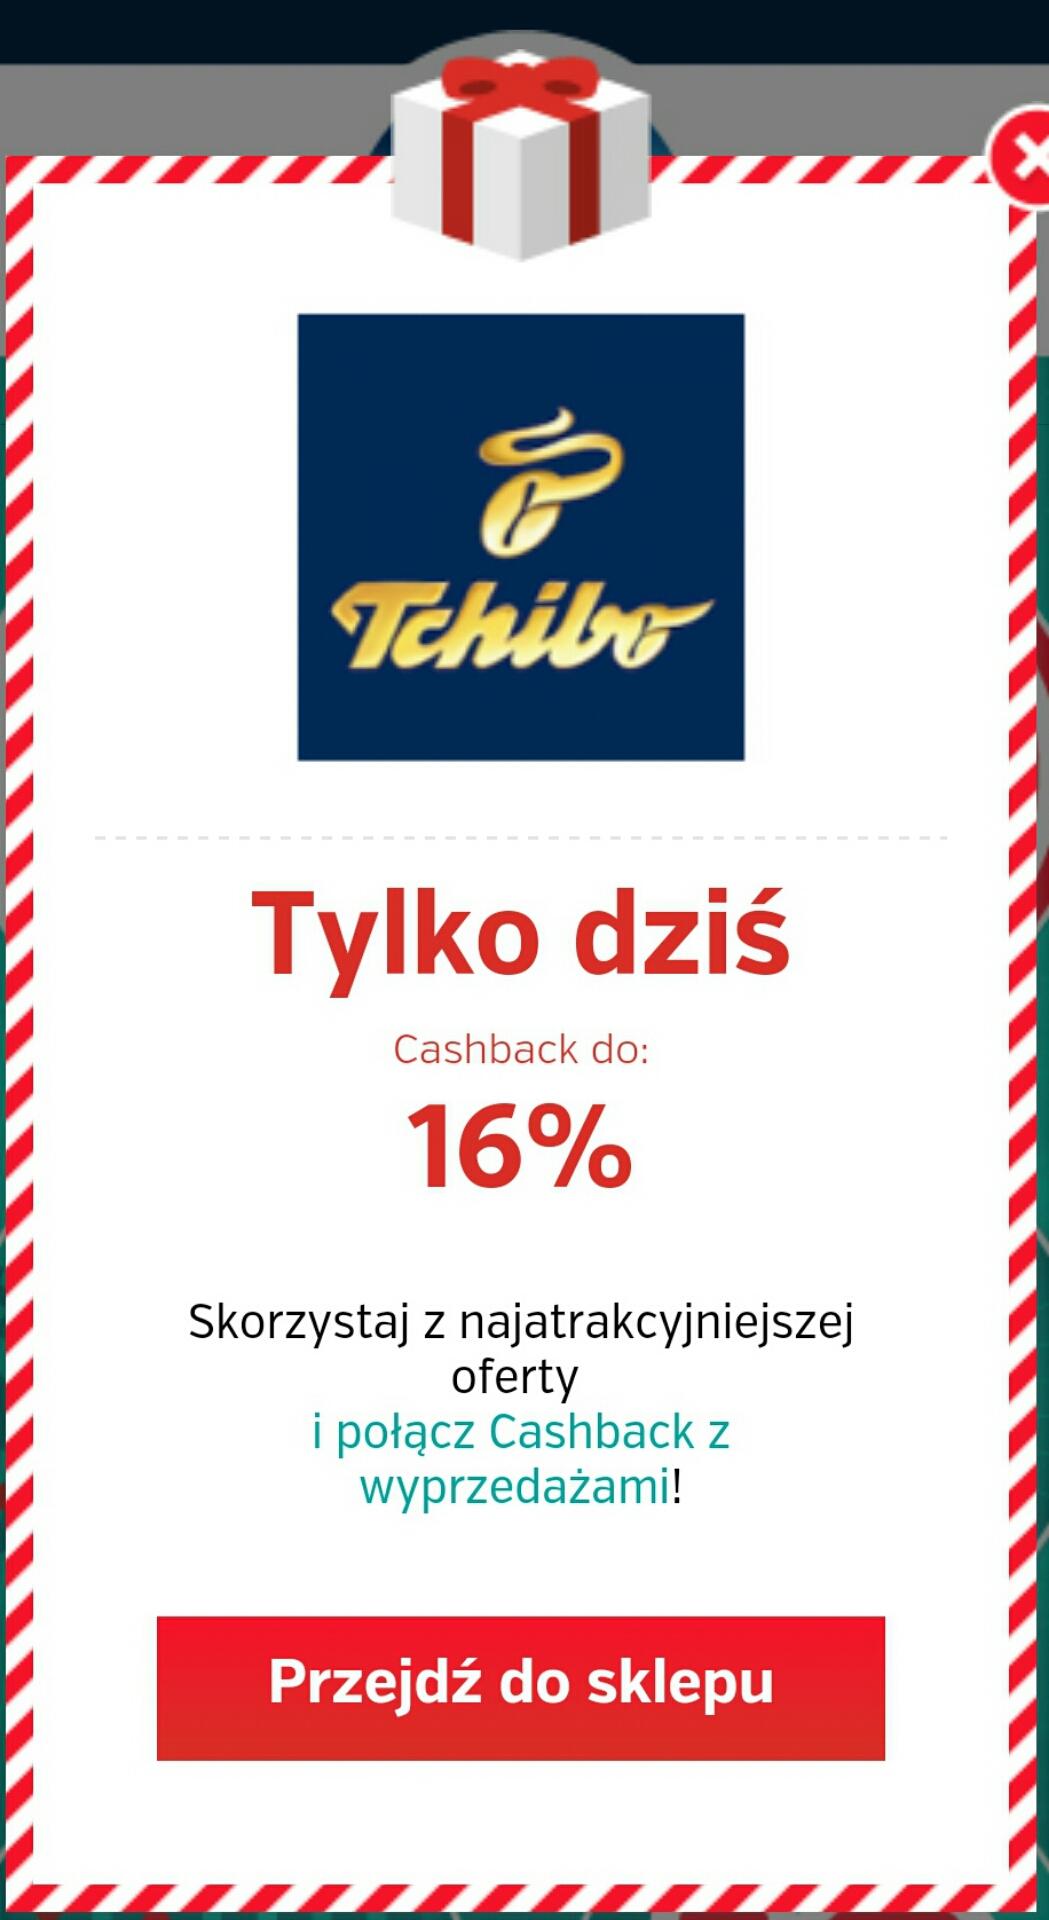 Tchibo cashback 16% @ PlanetPlus